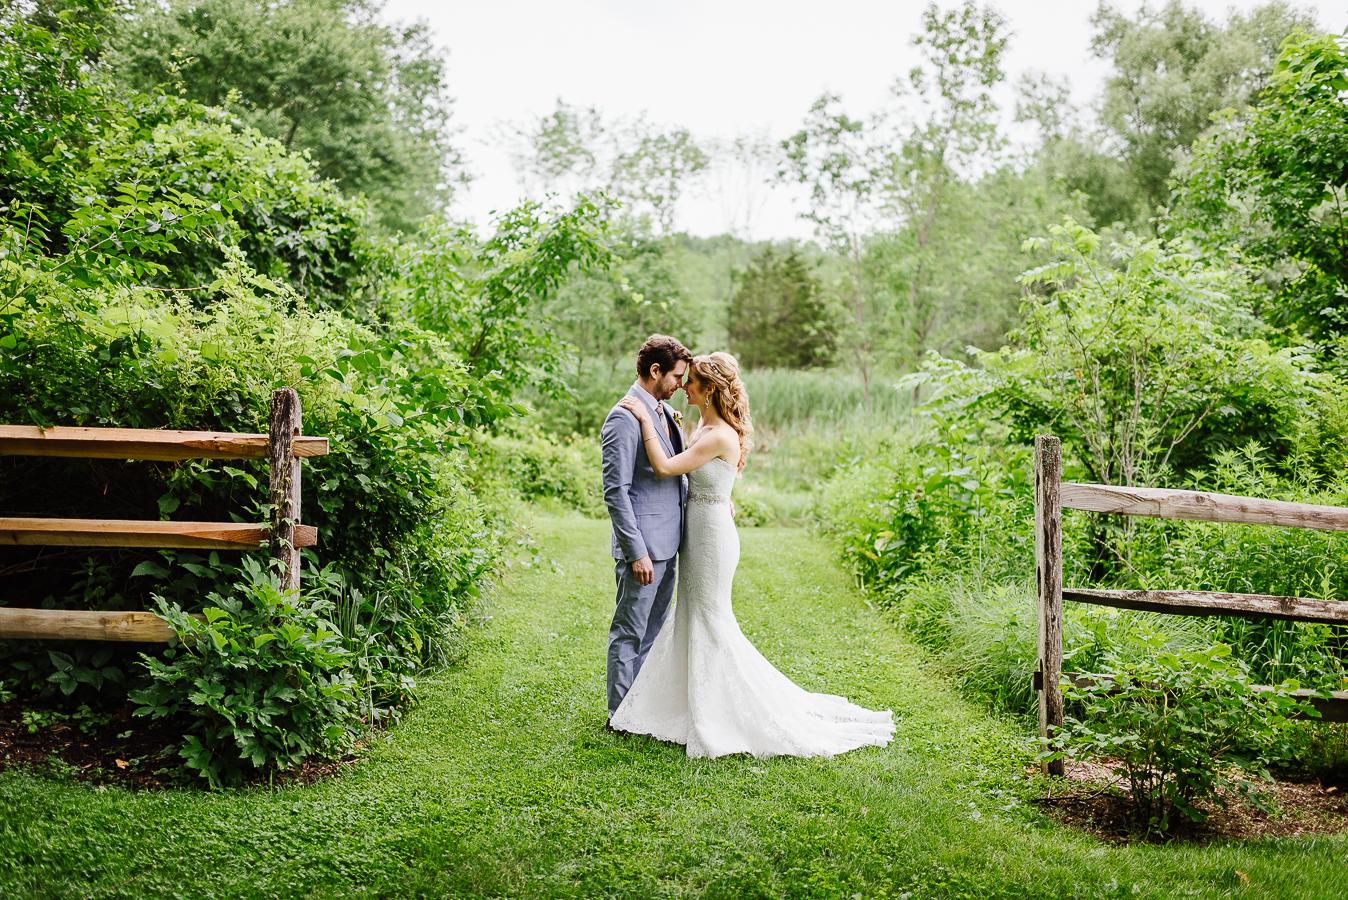 Stylish Crossed Keys Inn Wedding Crossed Keys Wedding Crossed Keys Inn Andover NJ Longbrook Photography-28.jpg